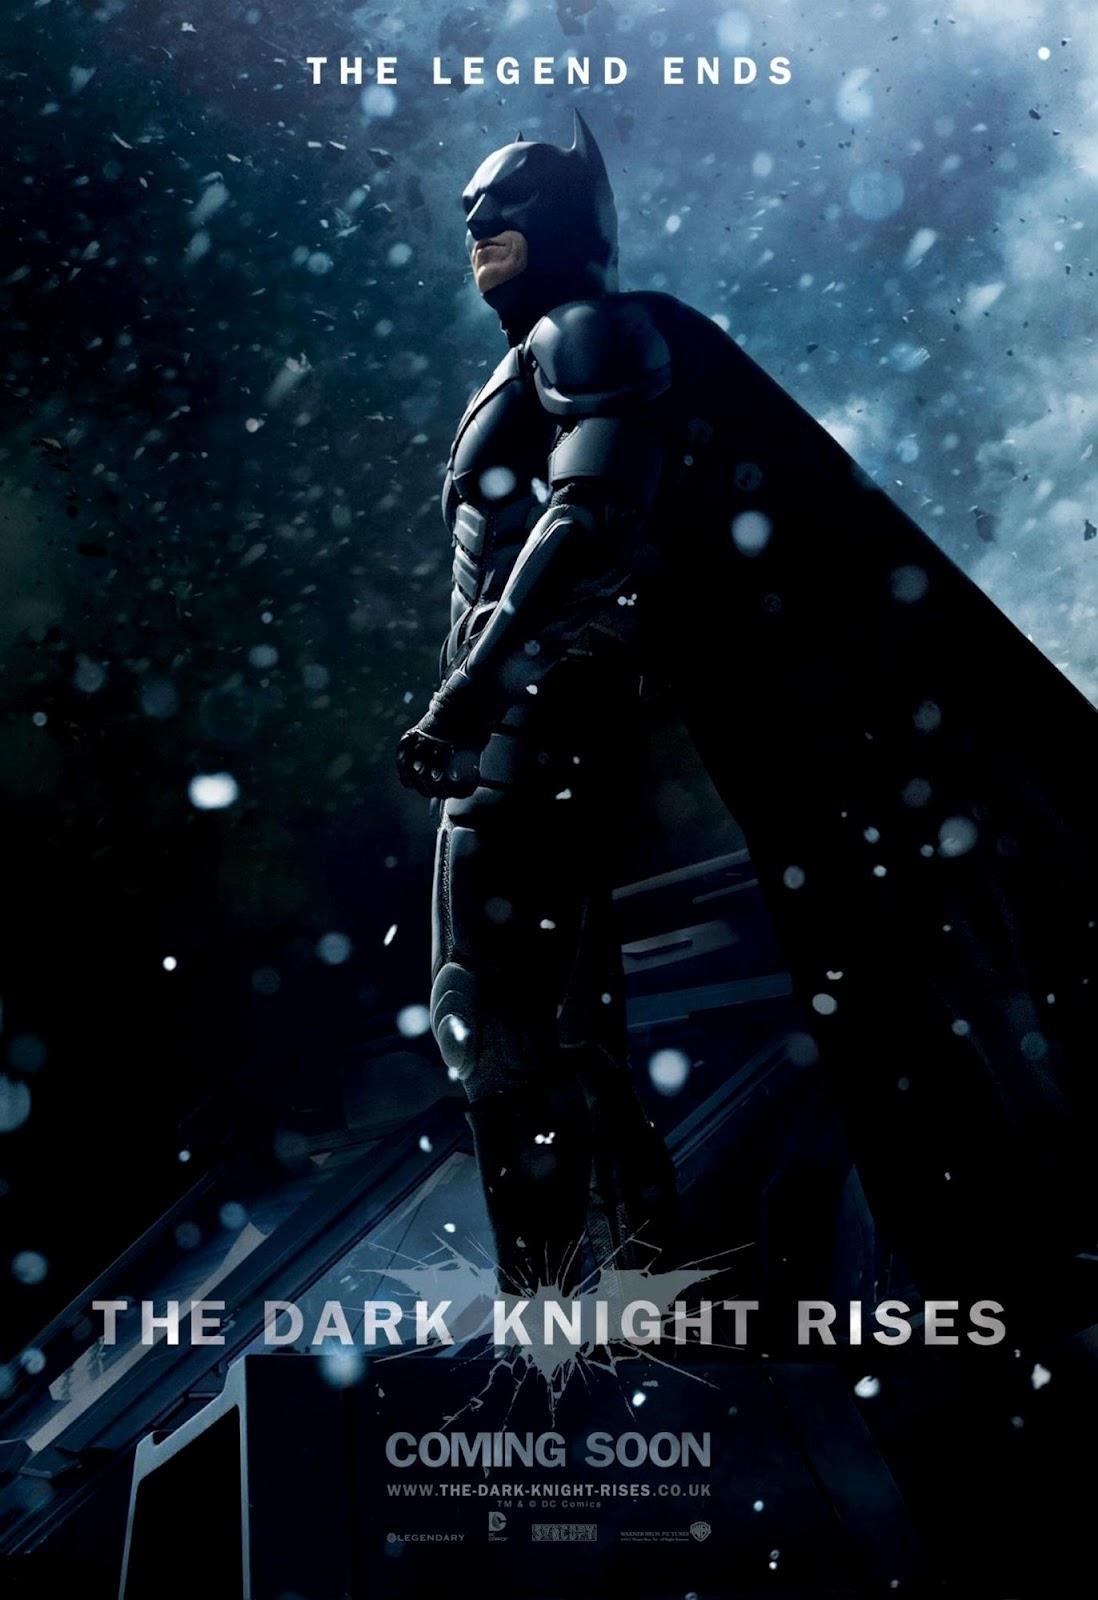 http://1.bp.blogspot.com/-shQccsTRUsU/T7zdOp-8GaI/AAAAAAAAHKg/6IYUtneL2_c/s1600/the-dark-knight-rises-poster07.jpg